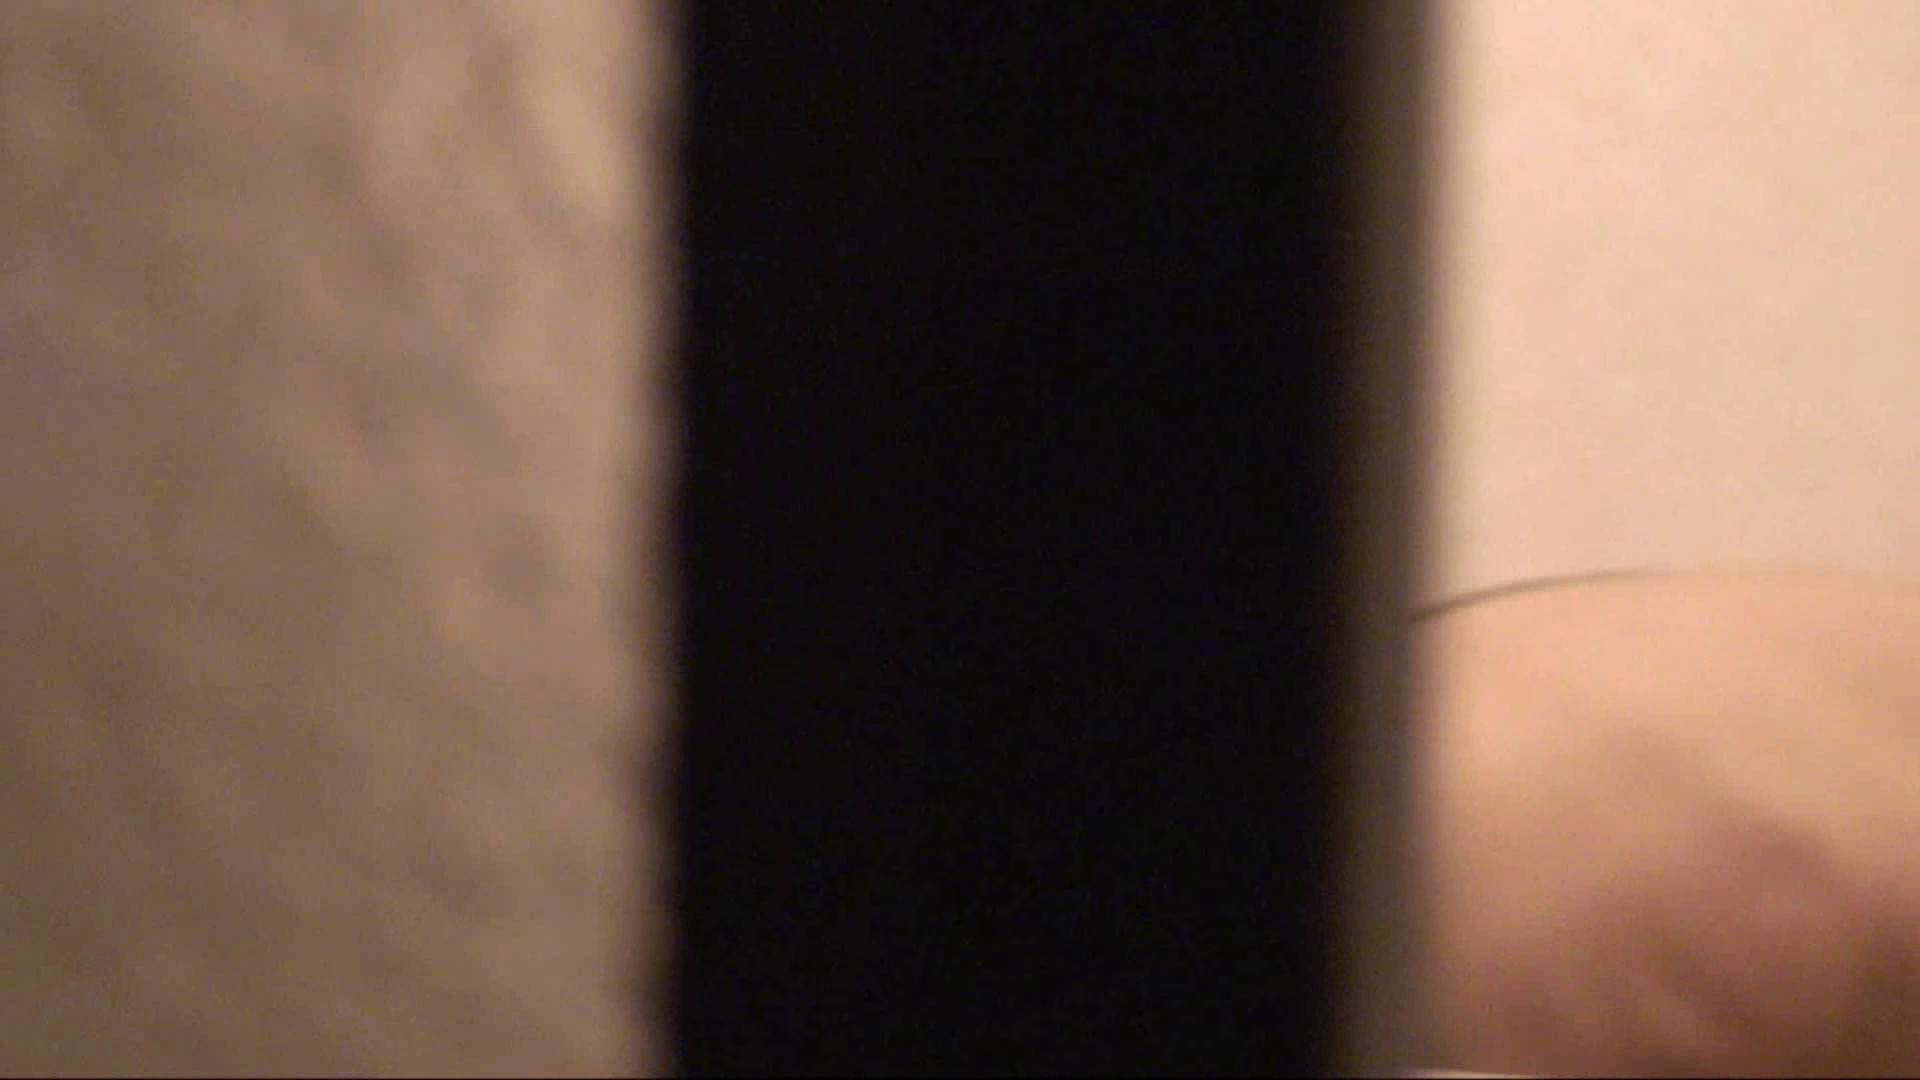 vol.01必見!白肌嬢の乳首が丸見え。極上美人のすっぴん顔をハイビジョンで! 覗き おめこ無修正動画無料 89pic 69